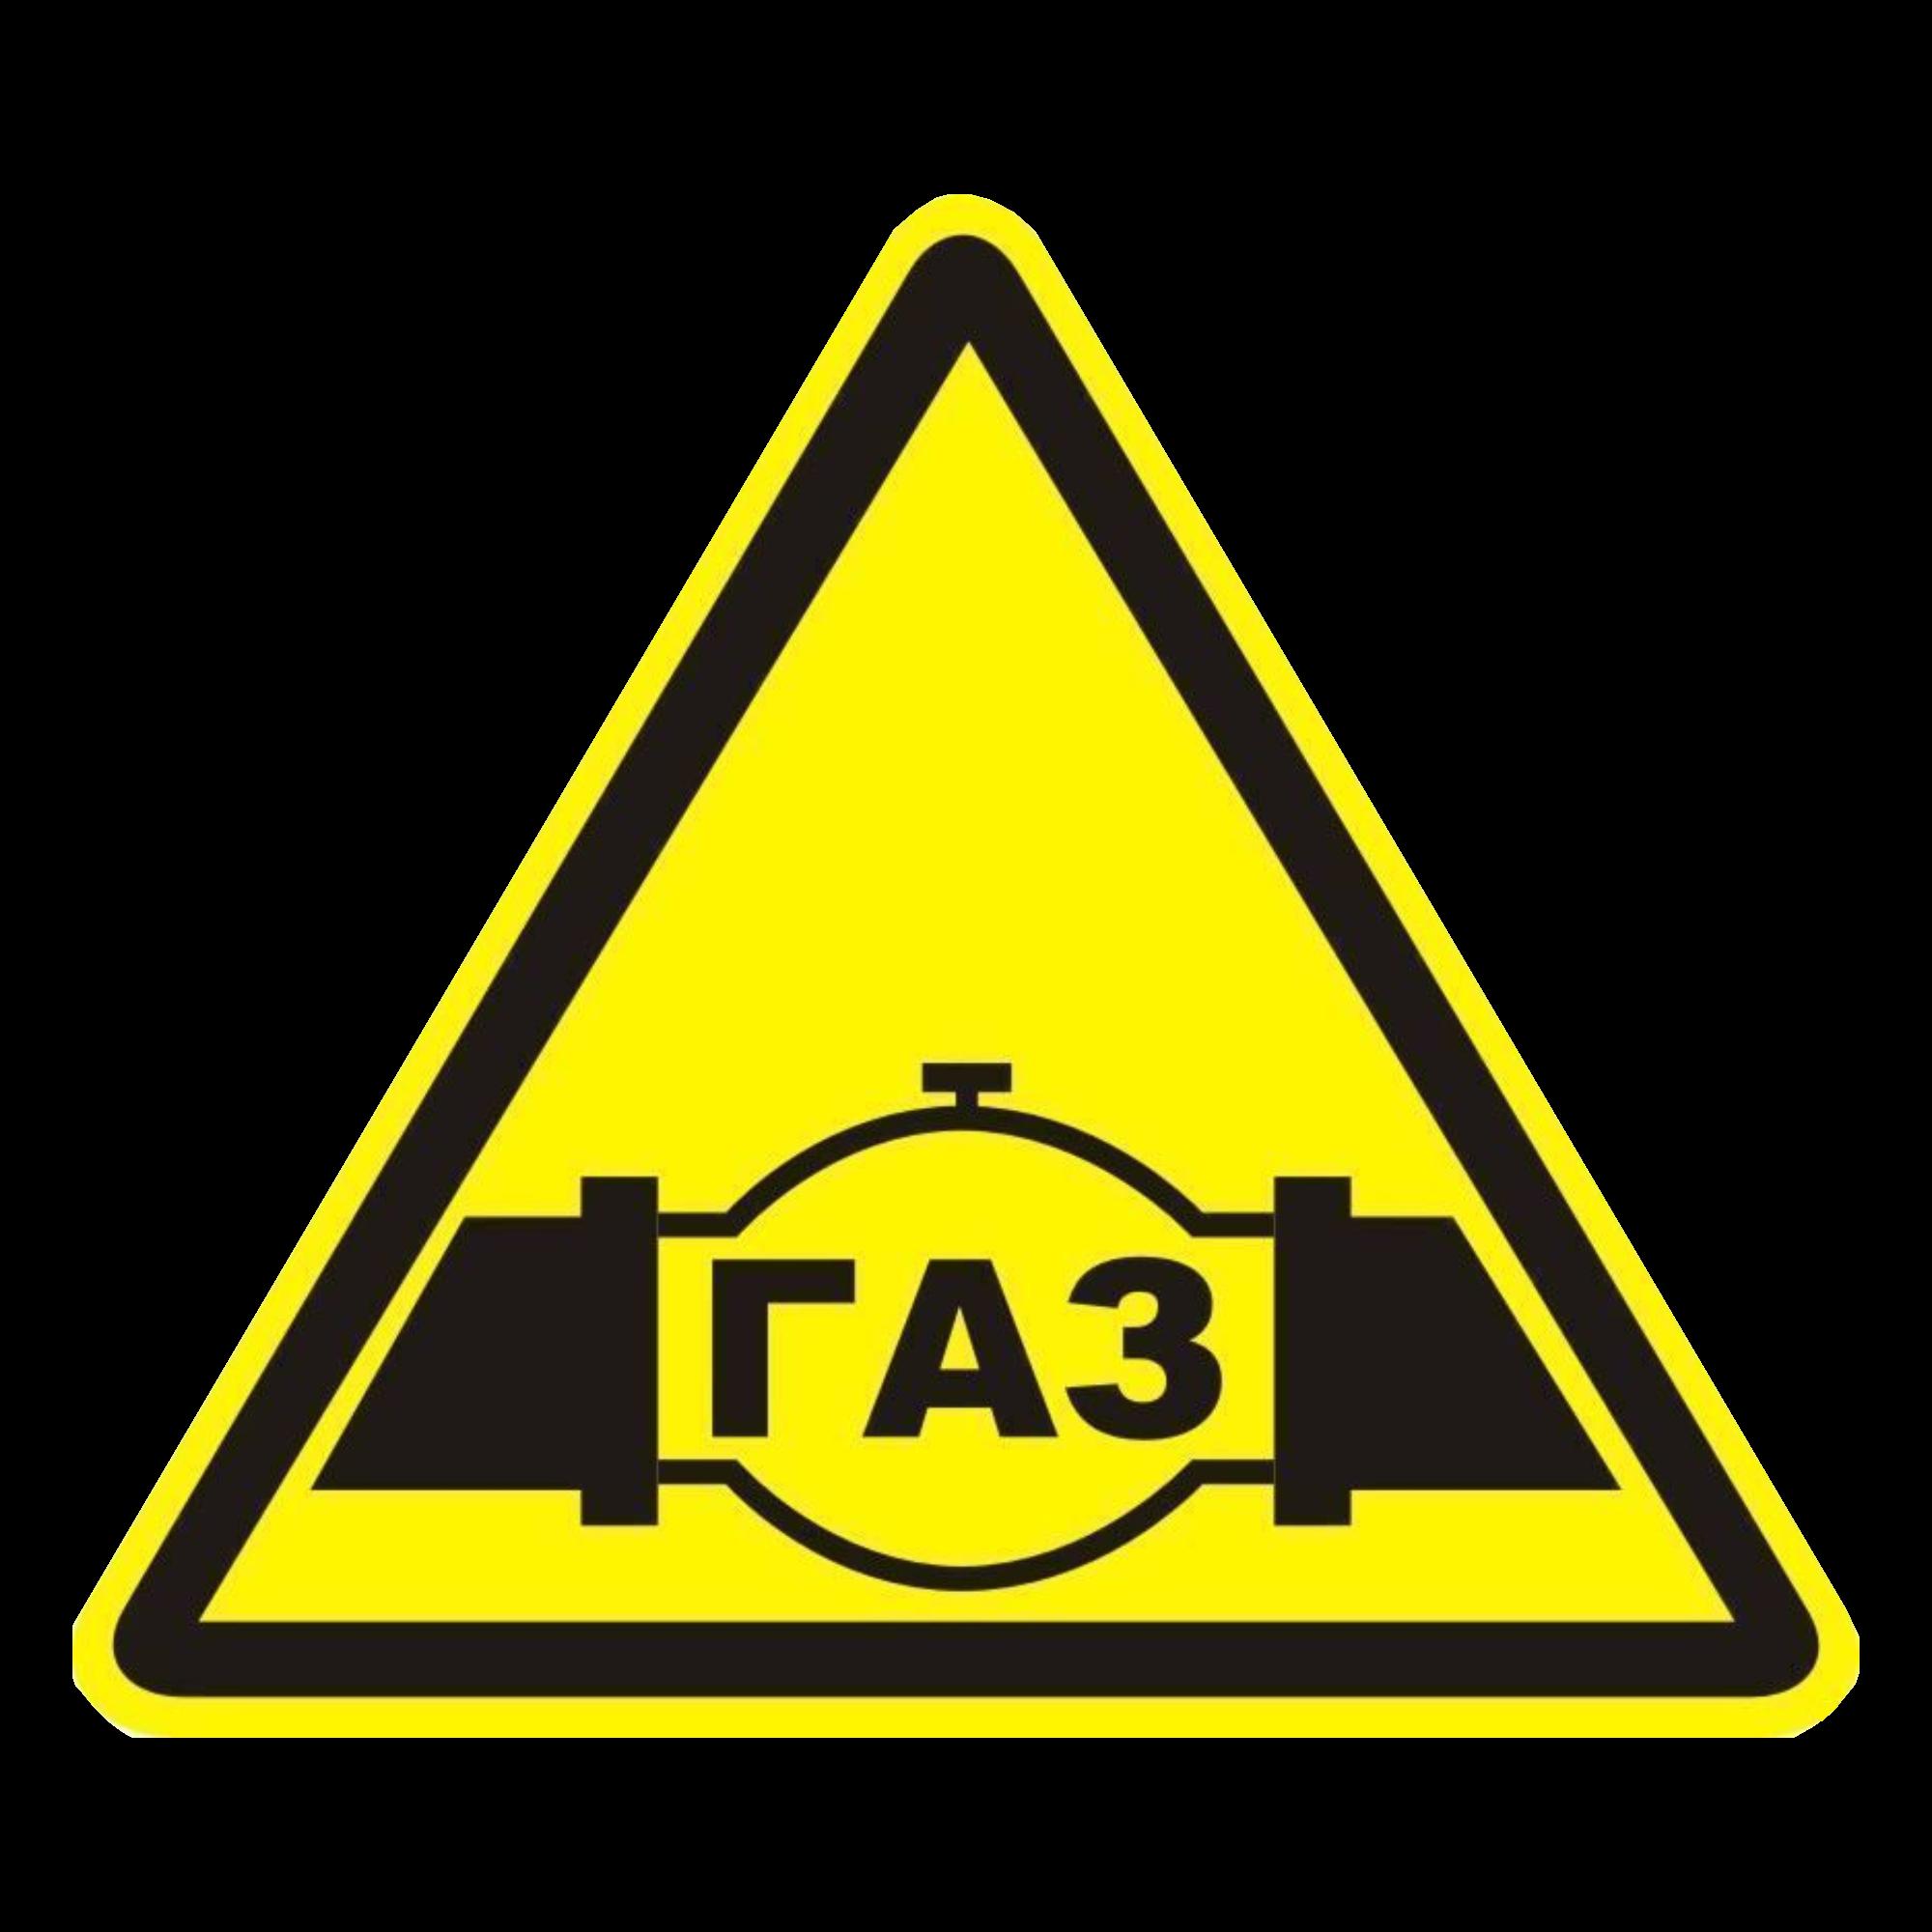 ЗОГ-01 Знак газопровода